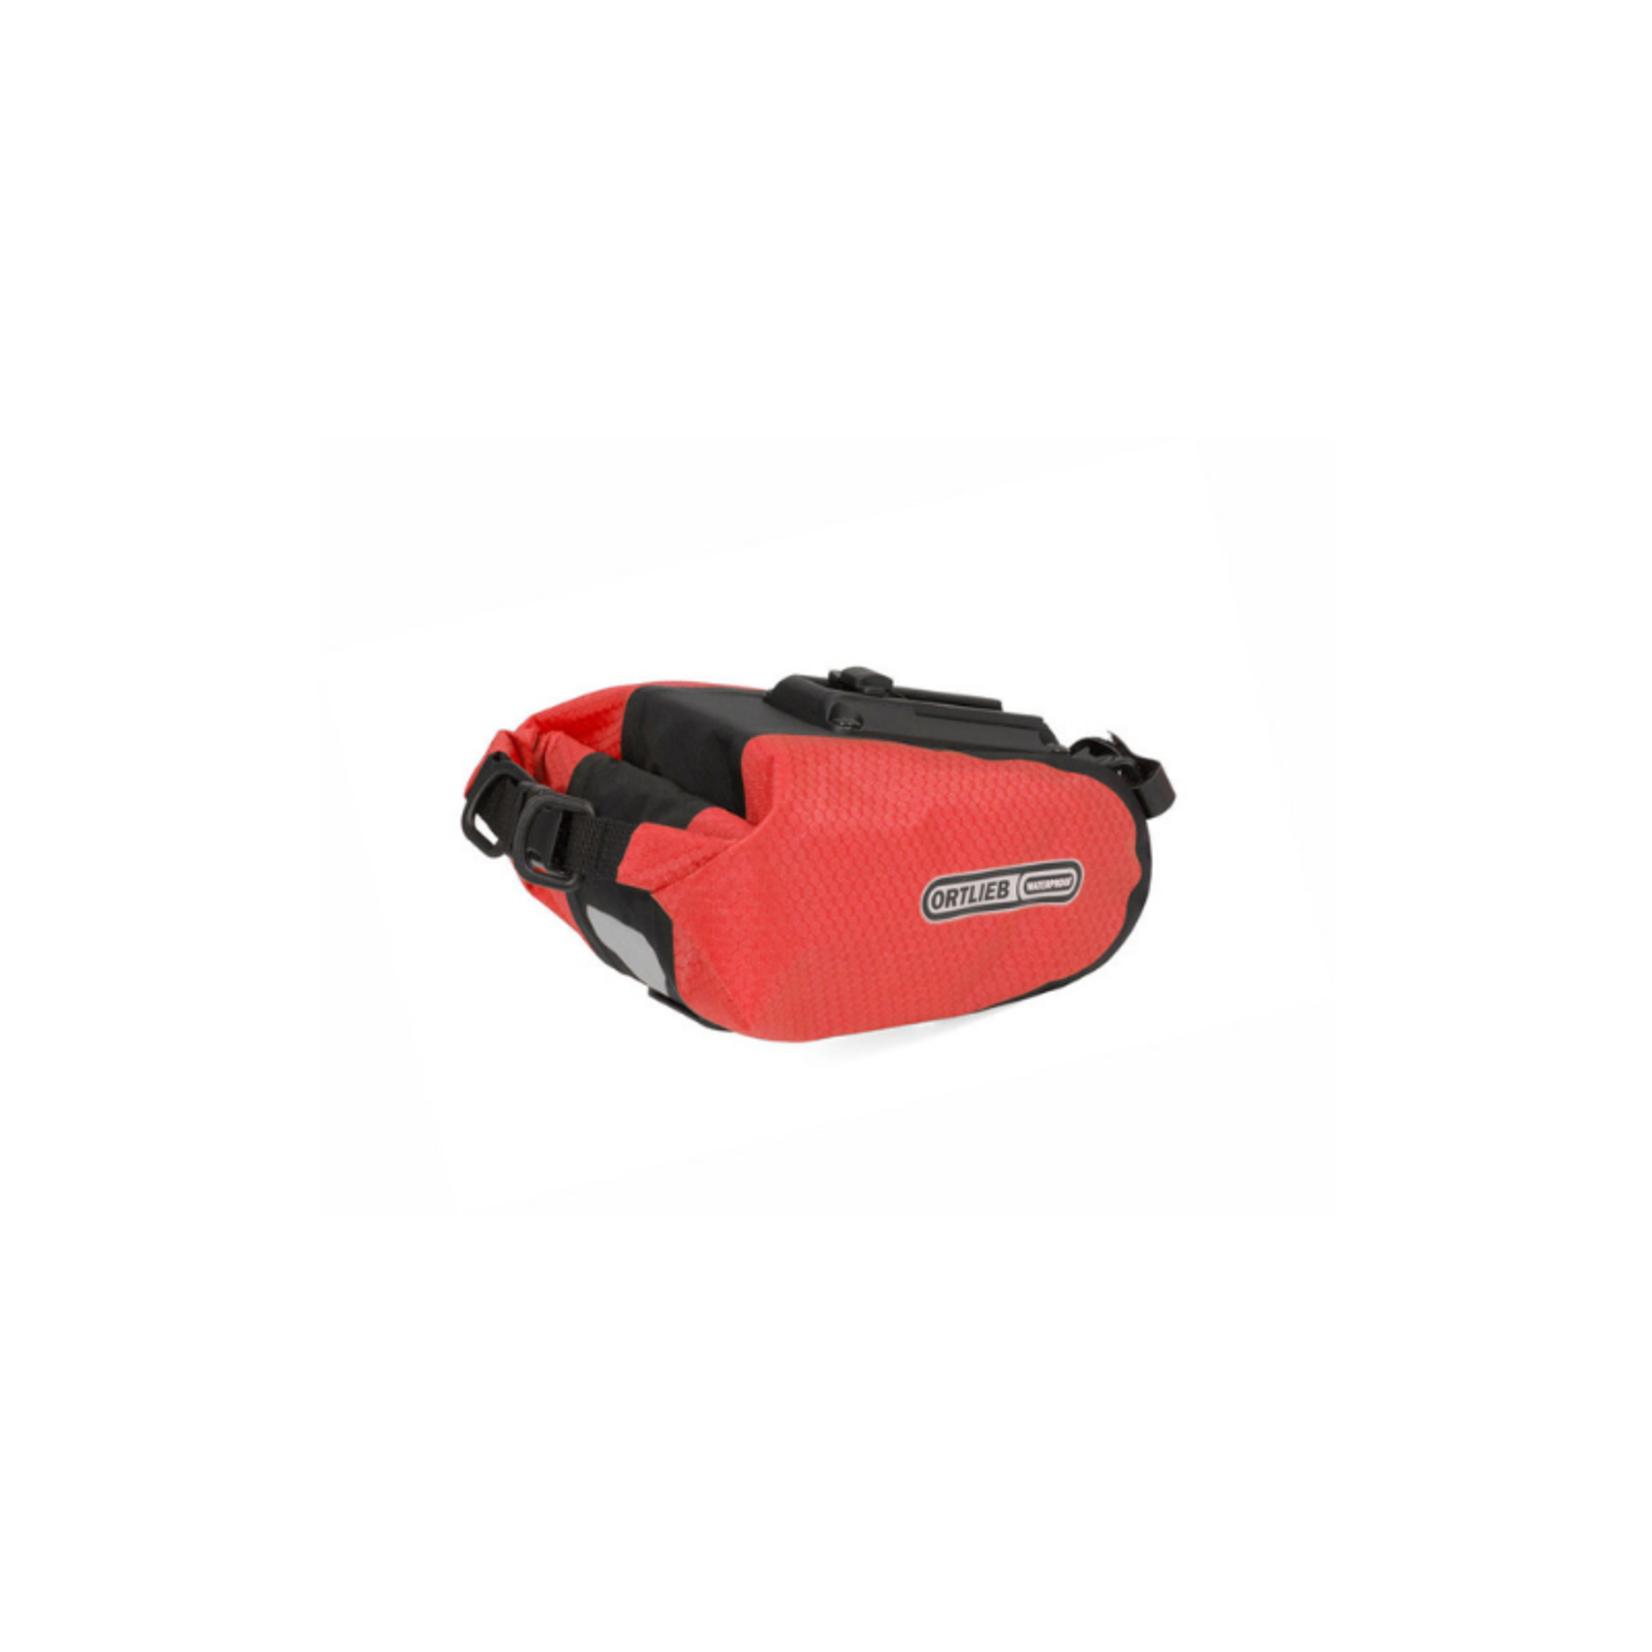 Ortlieb Ortlieb Saddle Bag